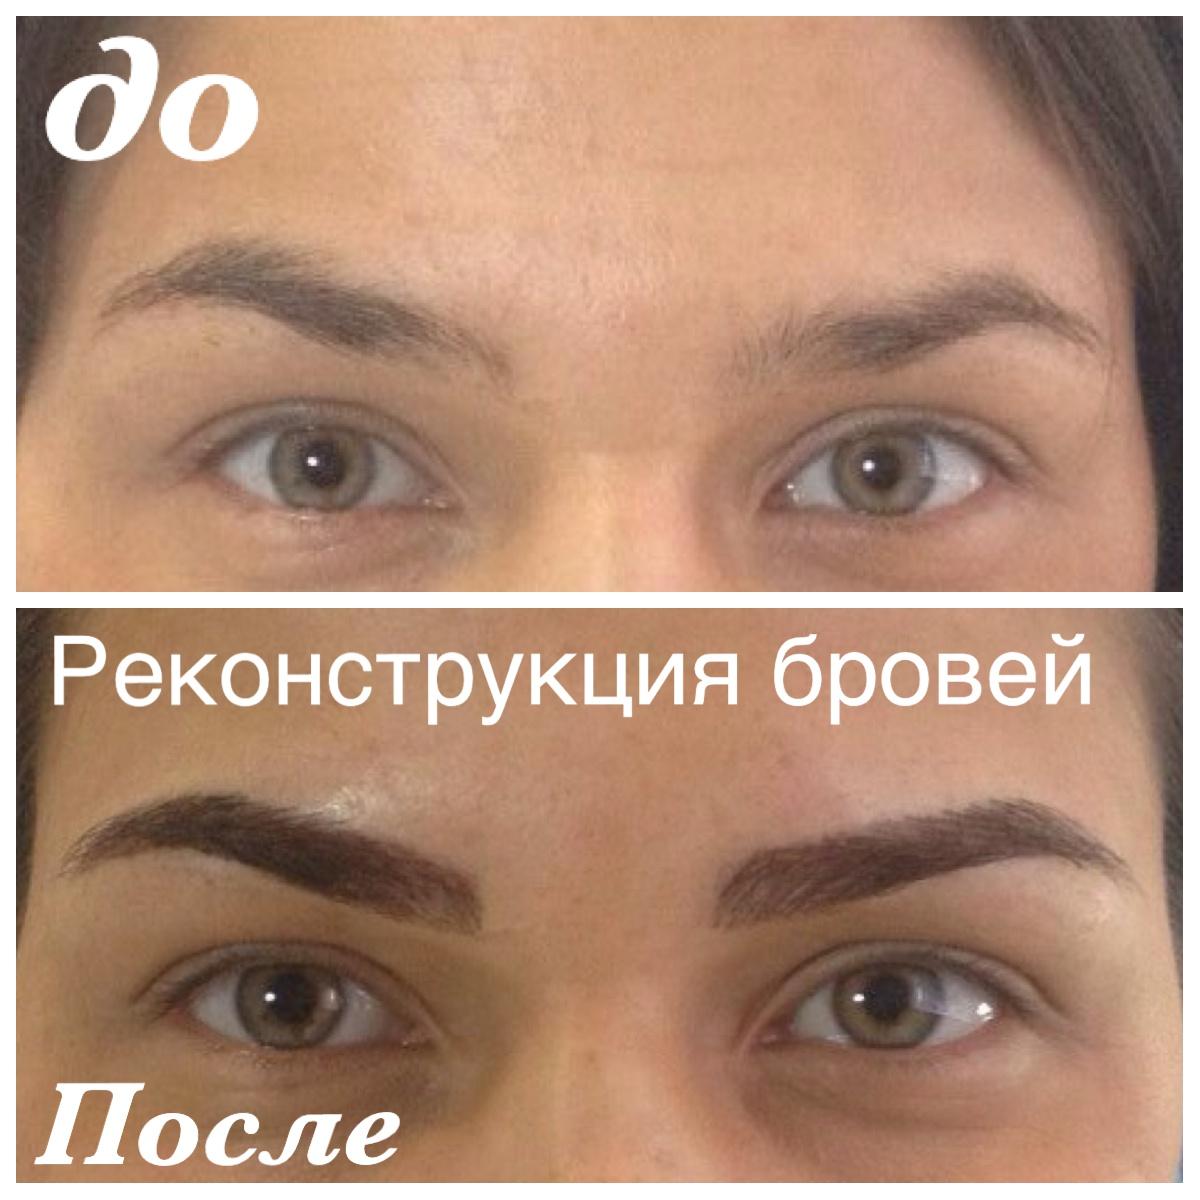 Шотирование бровей: фото до и после заживления, техника перманентныого макияжа